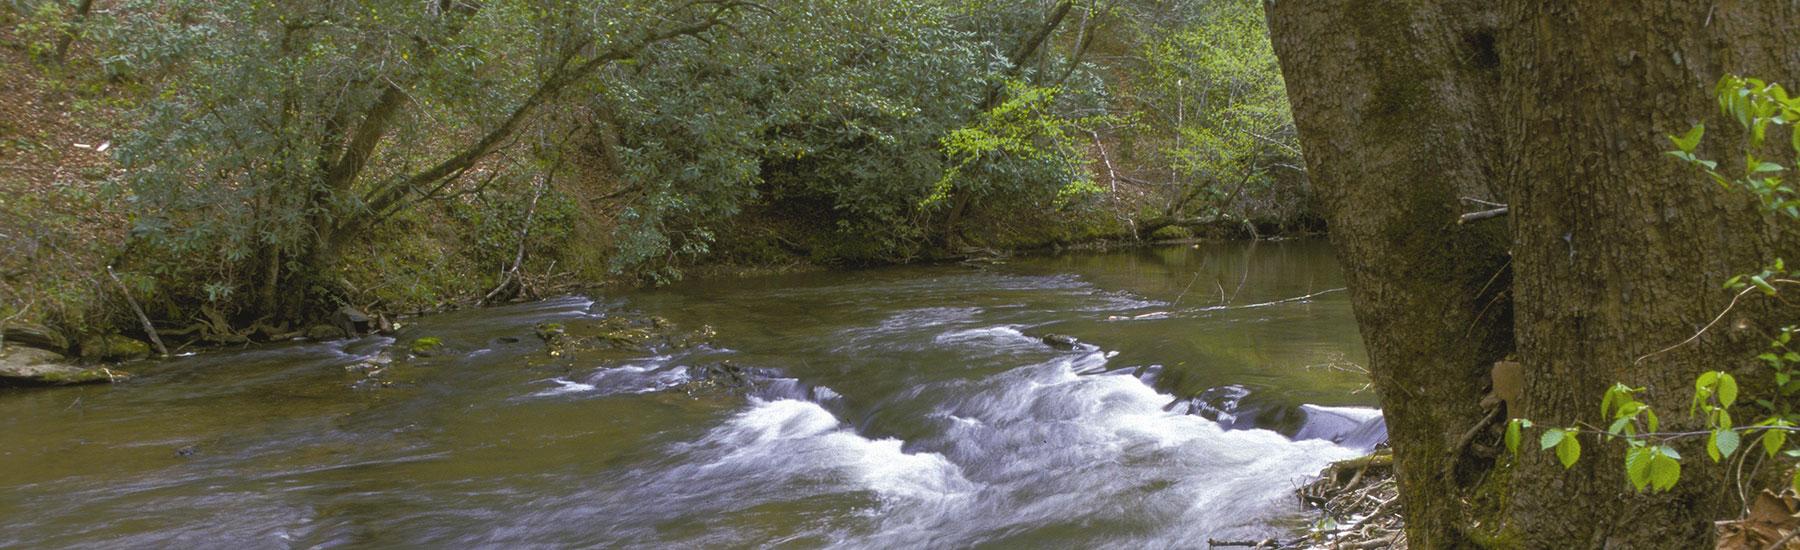 ola-hendren-mitchell-piedmont-land-conservancy